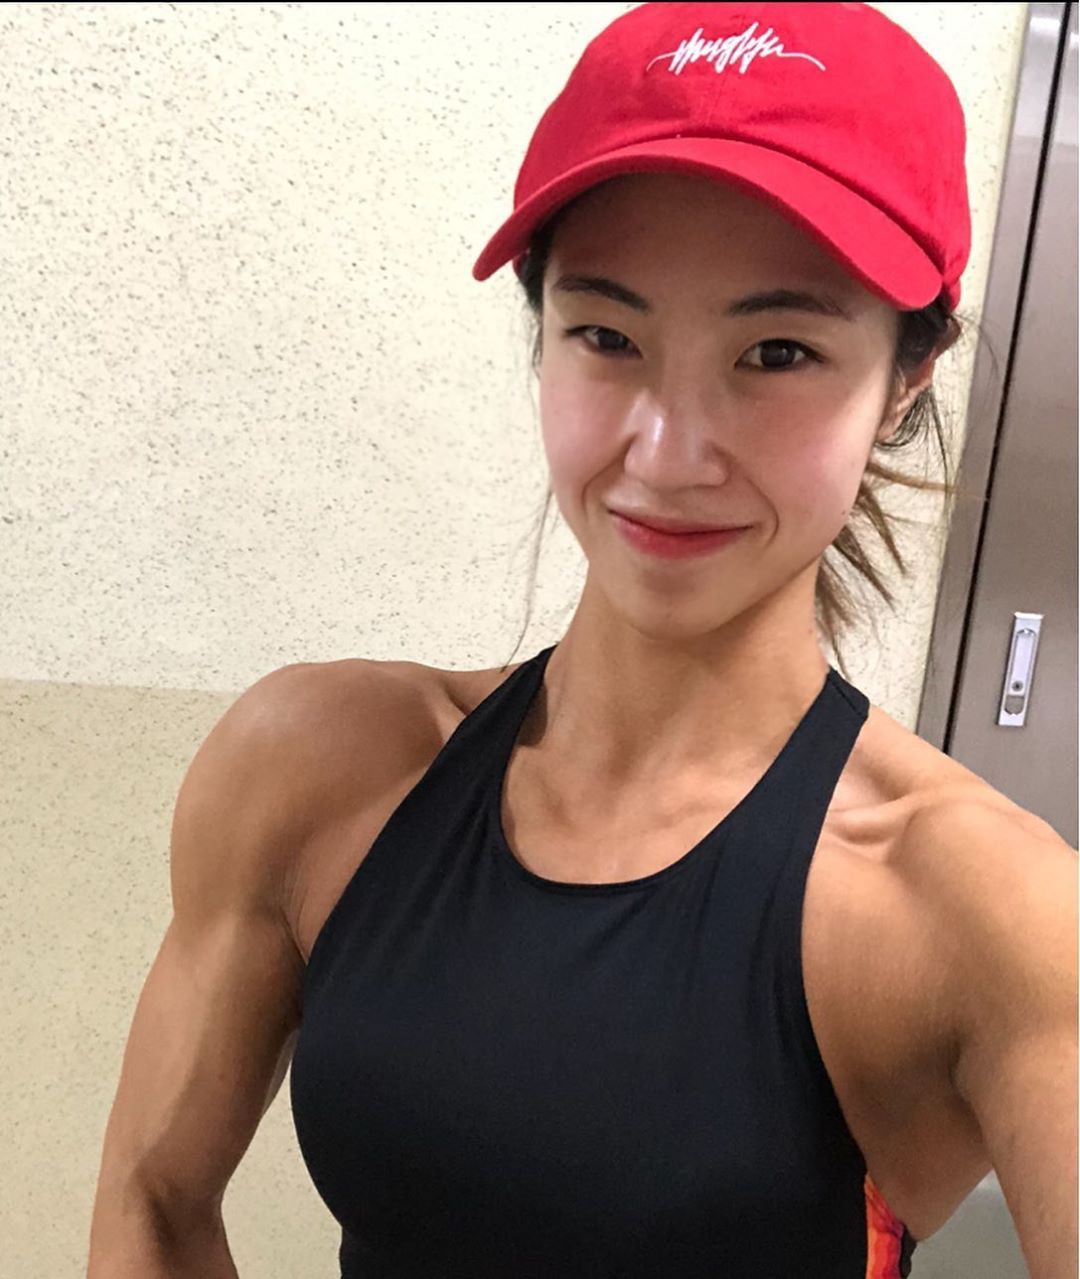 Jeong Myeong-gyeong